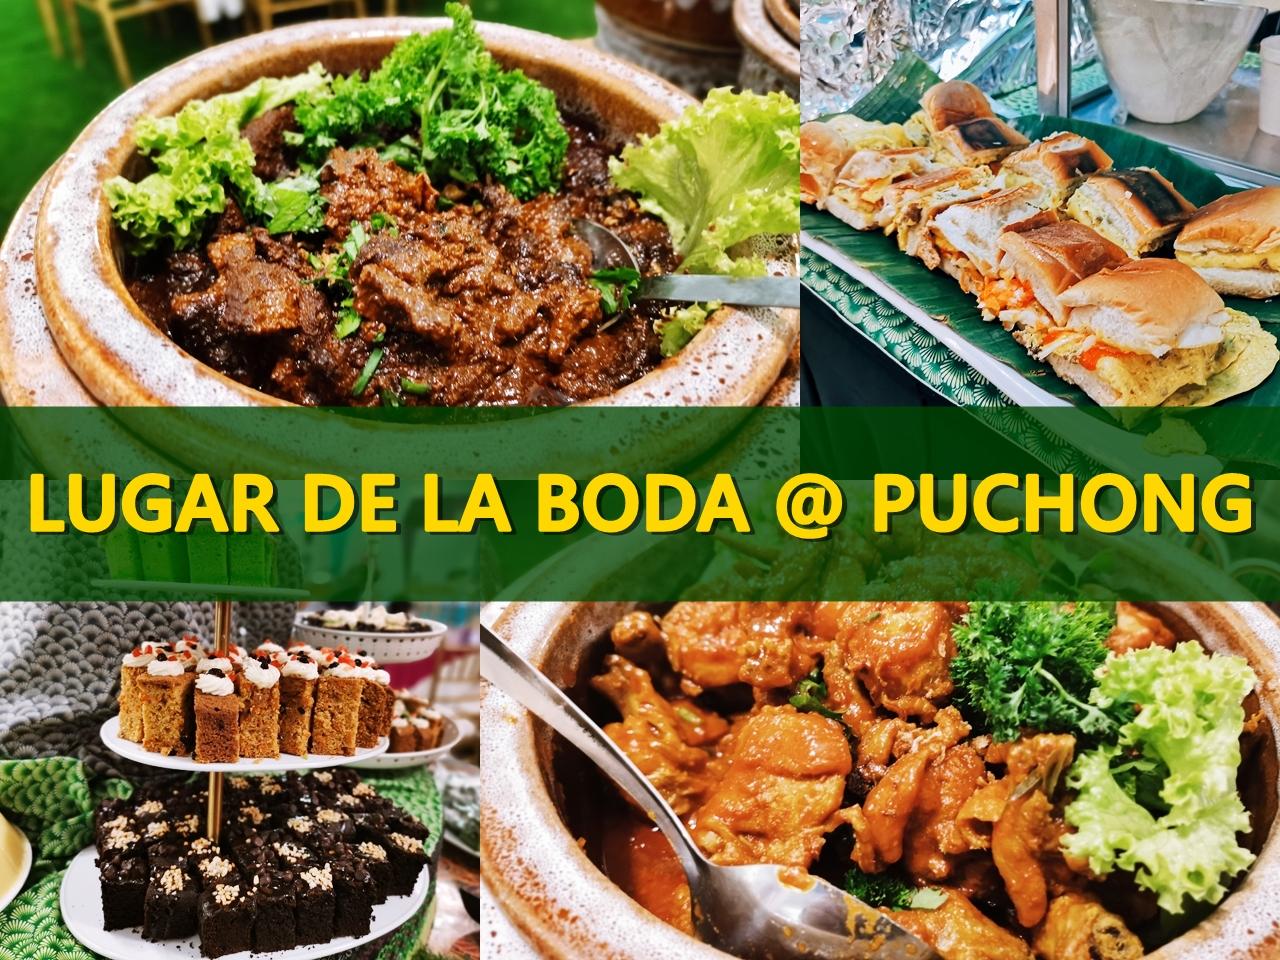 Buffet Ramadhan 2021 di Lugar De La Boda @ Puchong